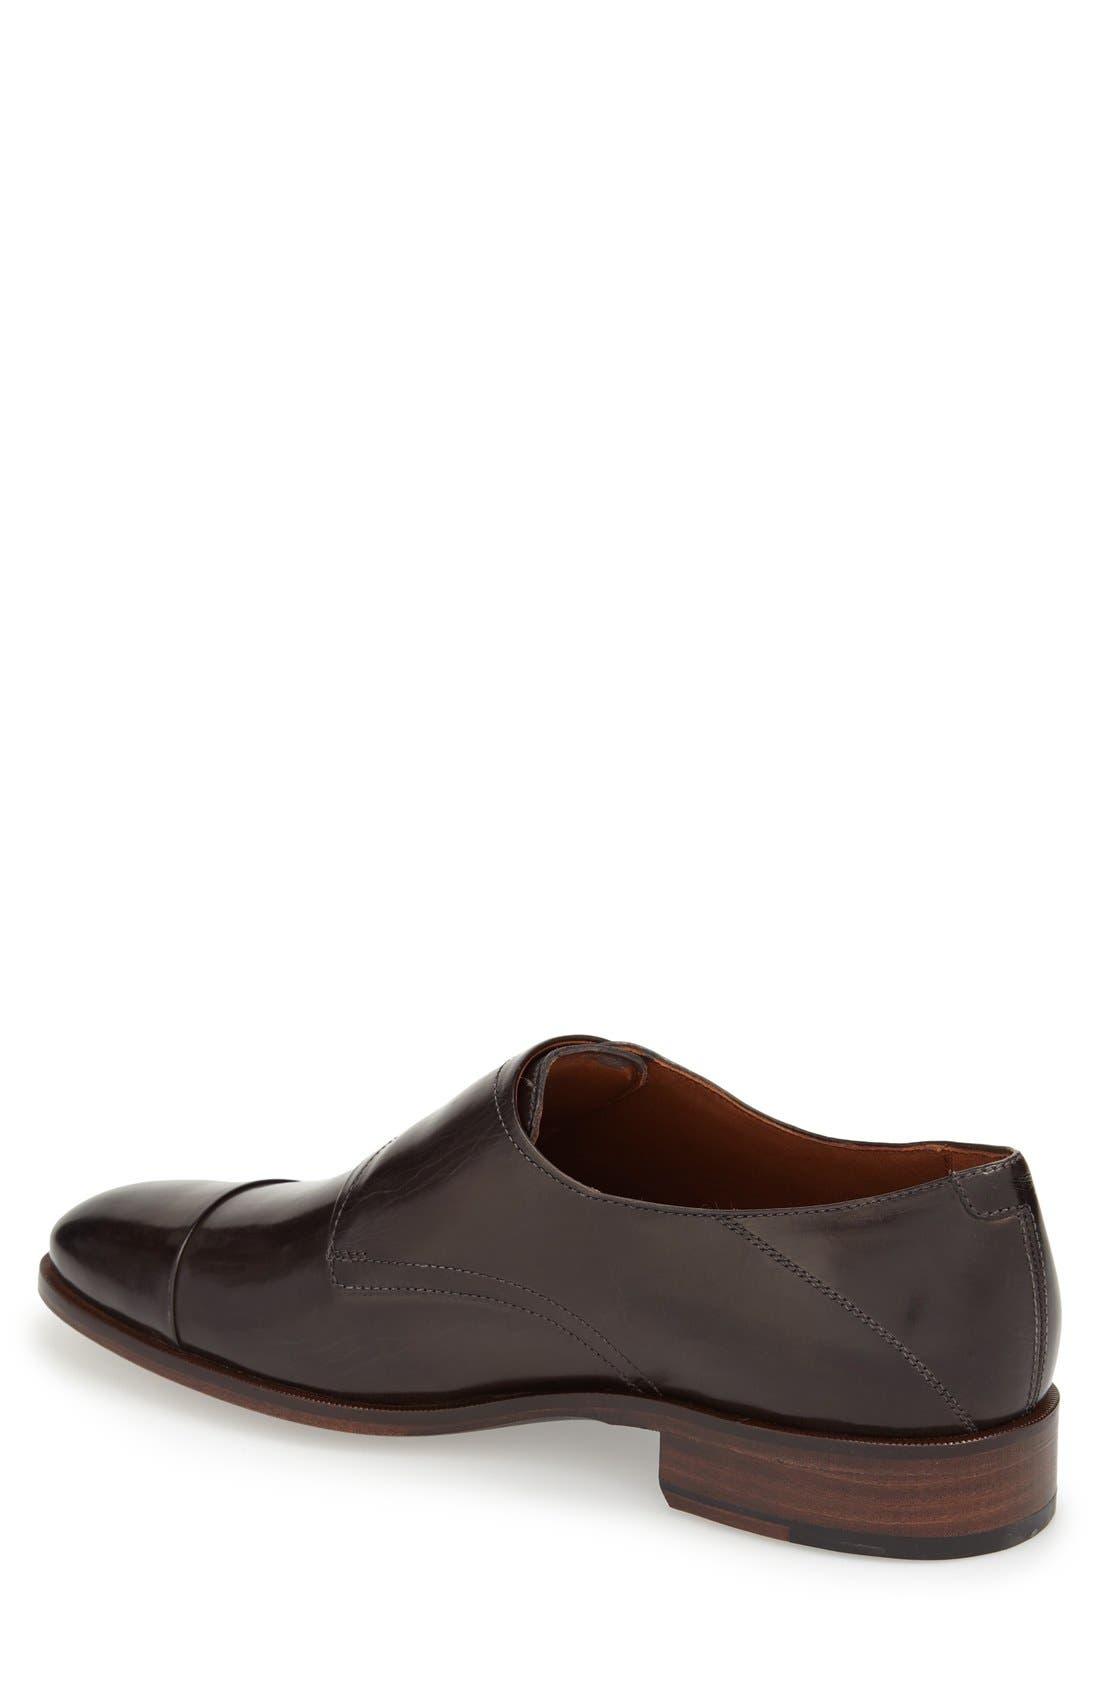 'Nolen' Double Monk Strap Shoe,                             Alternate thumbnail 2, color,                             020